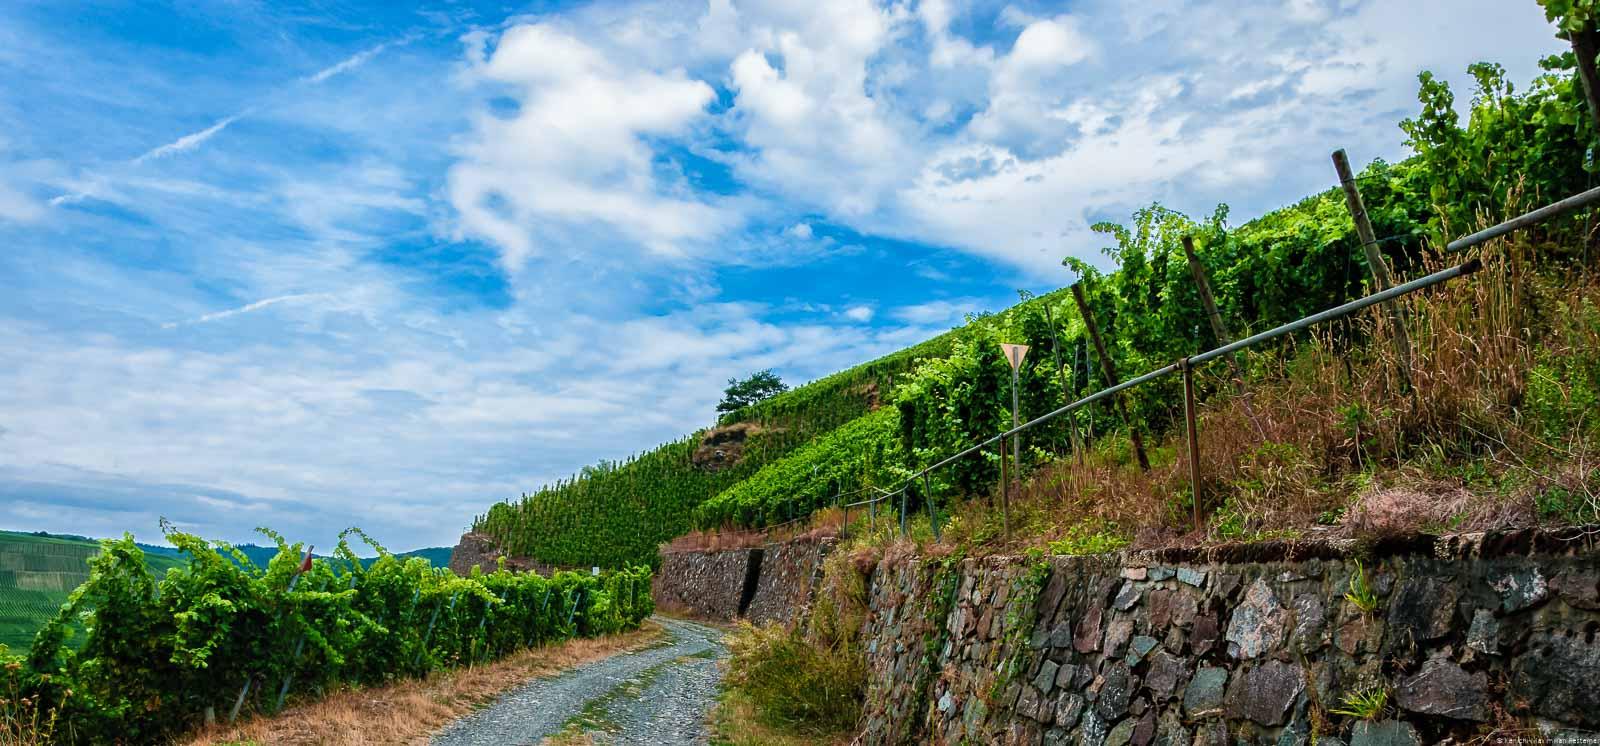 Ein Weg führt durch den steilen Weinberg